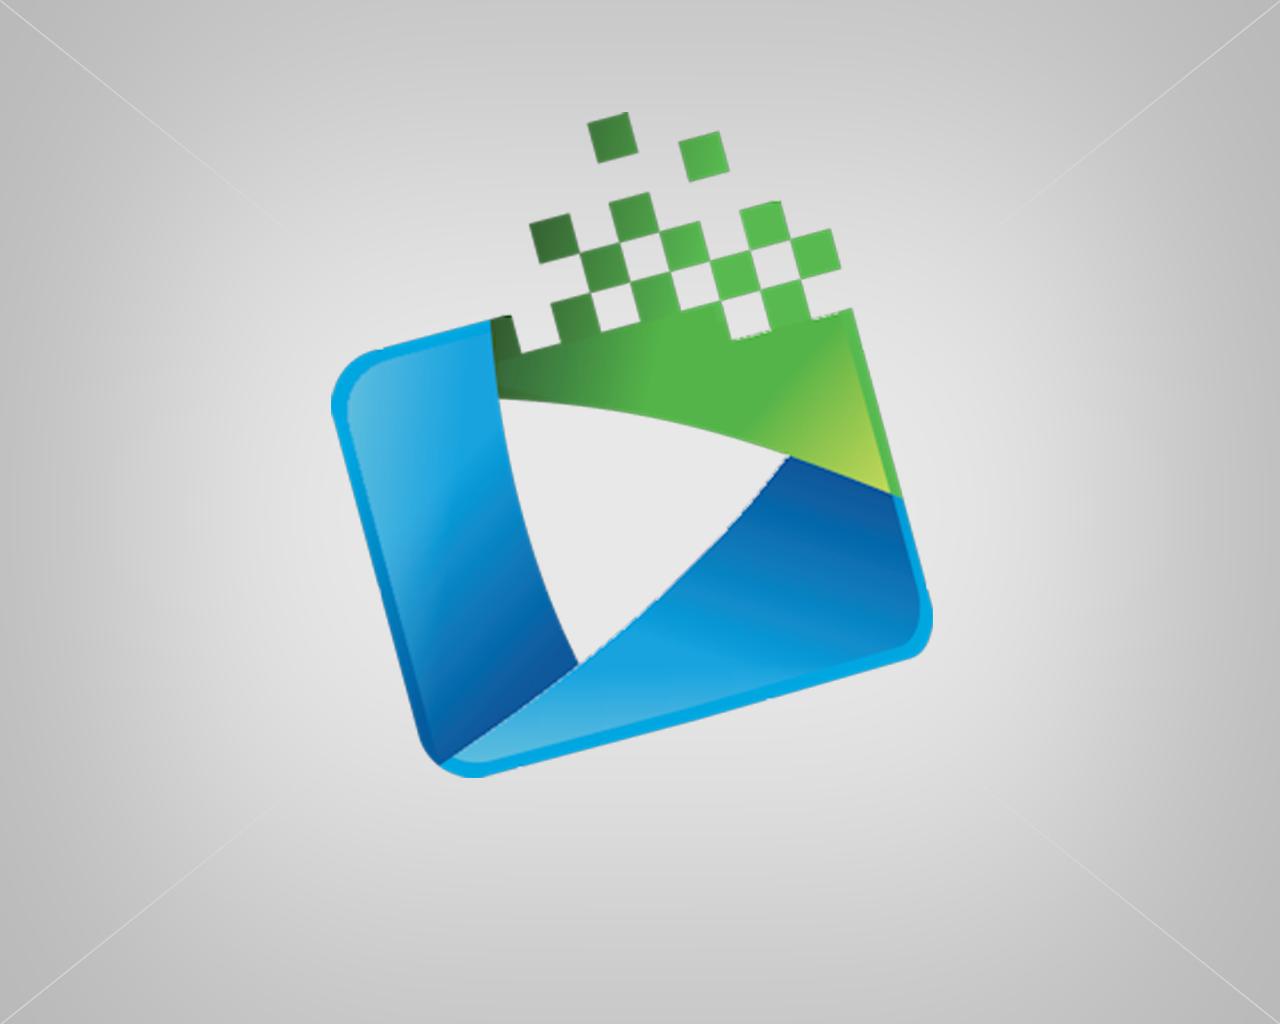 استادکار | Ostadkar - بازار آنلاین خدمات